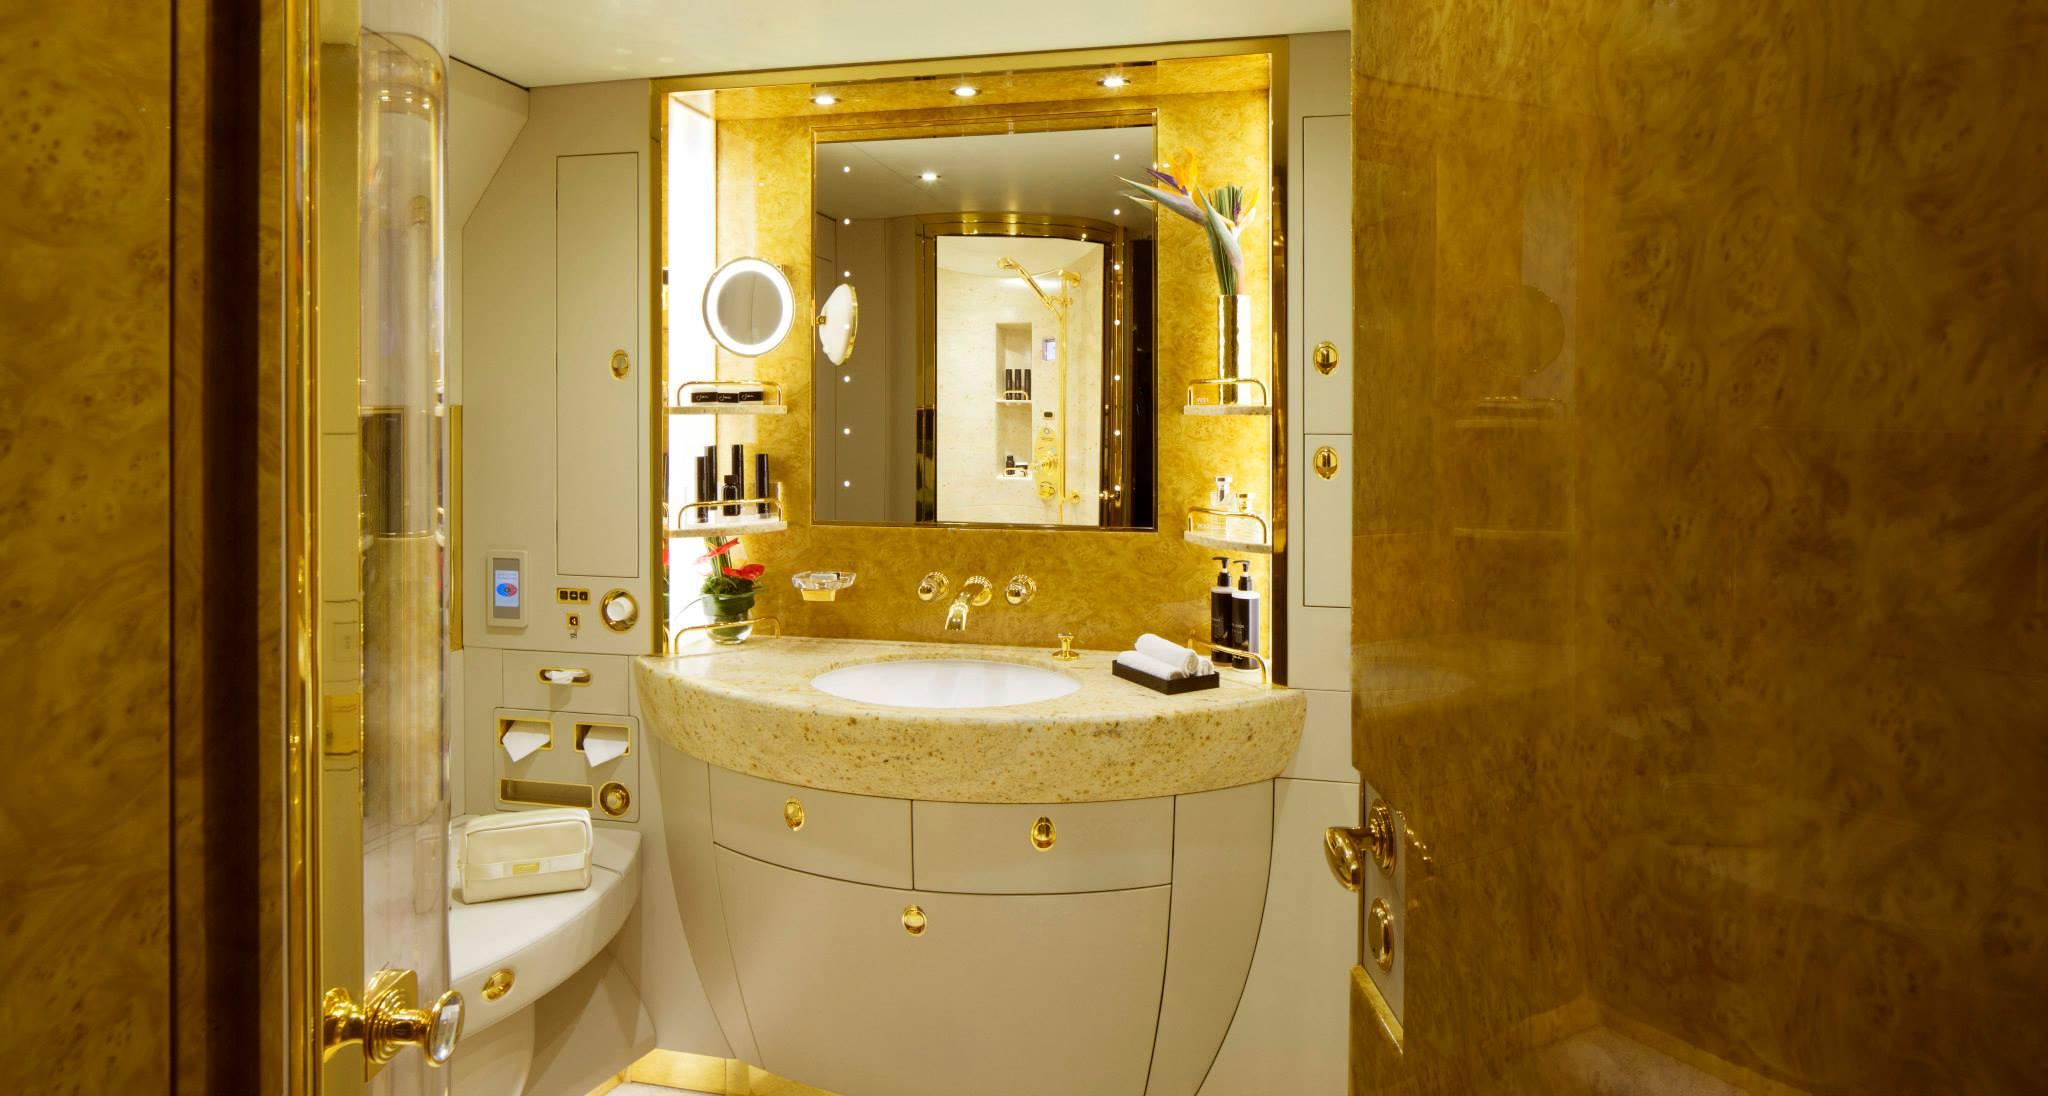 Kamar mandi supermewah.